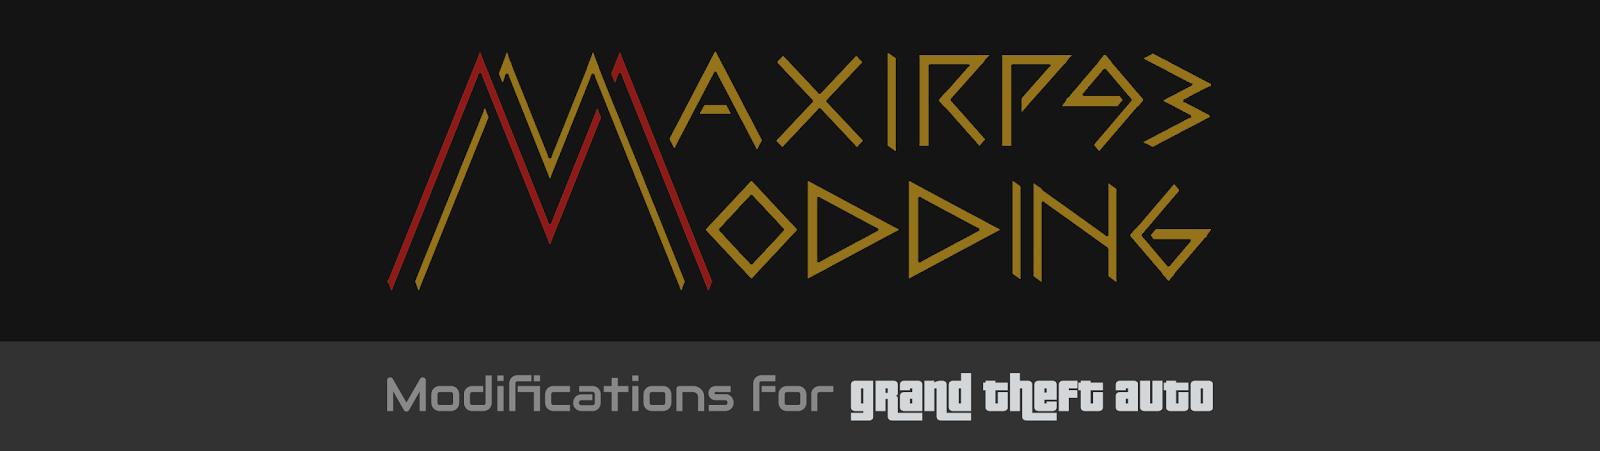 MAXIRP MODS